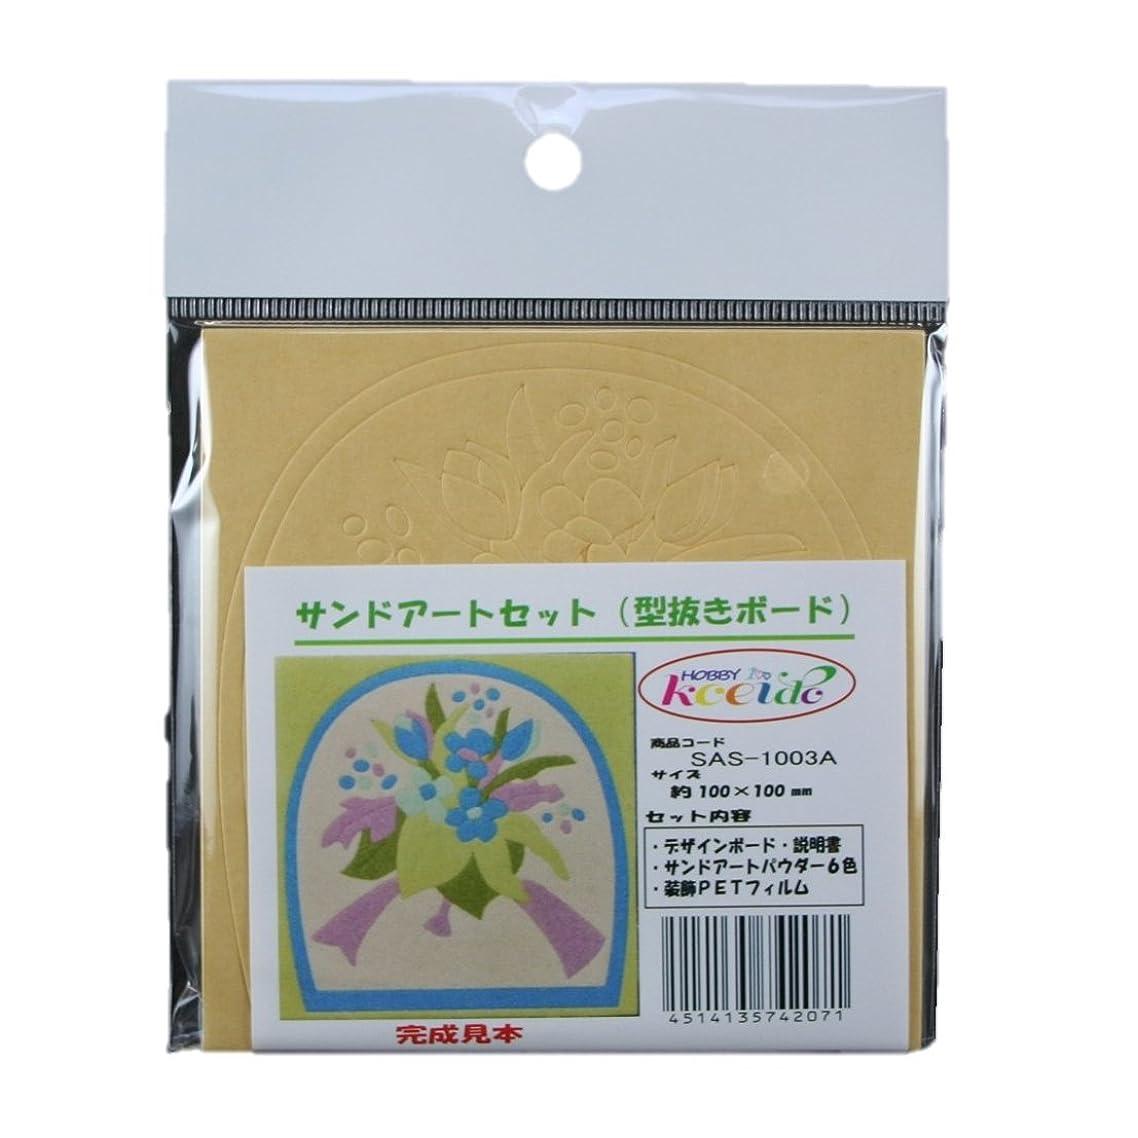 ギャザー意図速度Koeido-hobby サンドアートセット(砂絵)  SAS-1003A